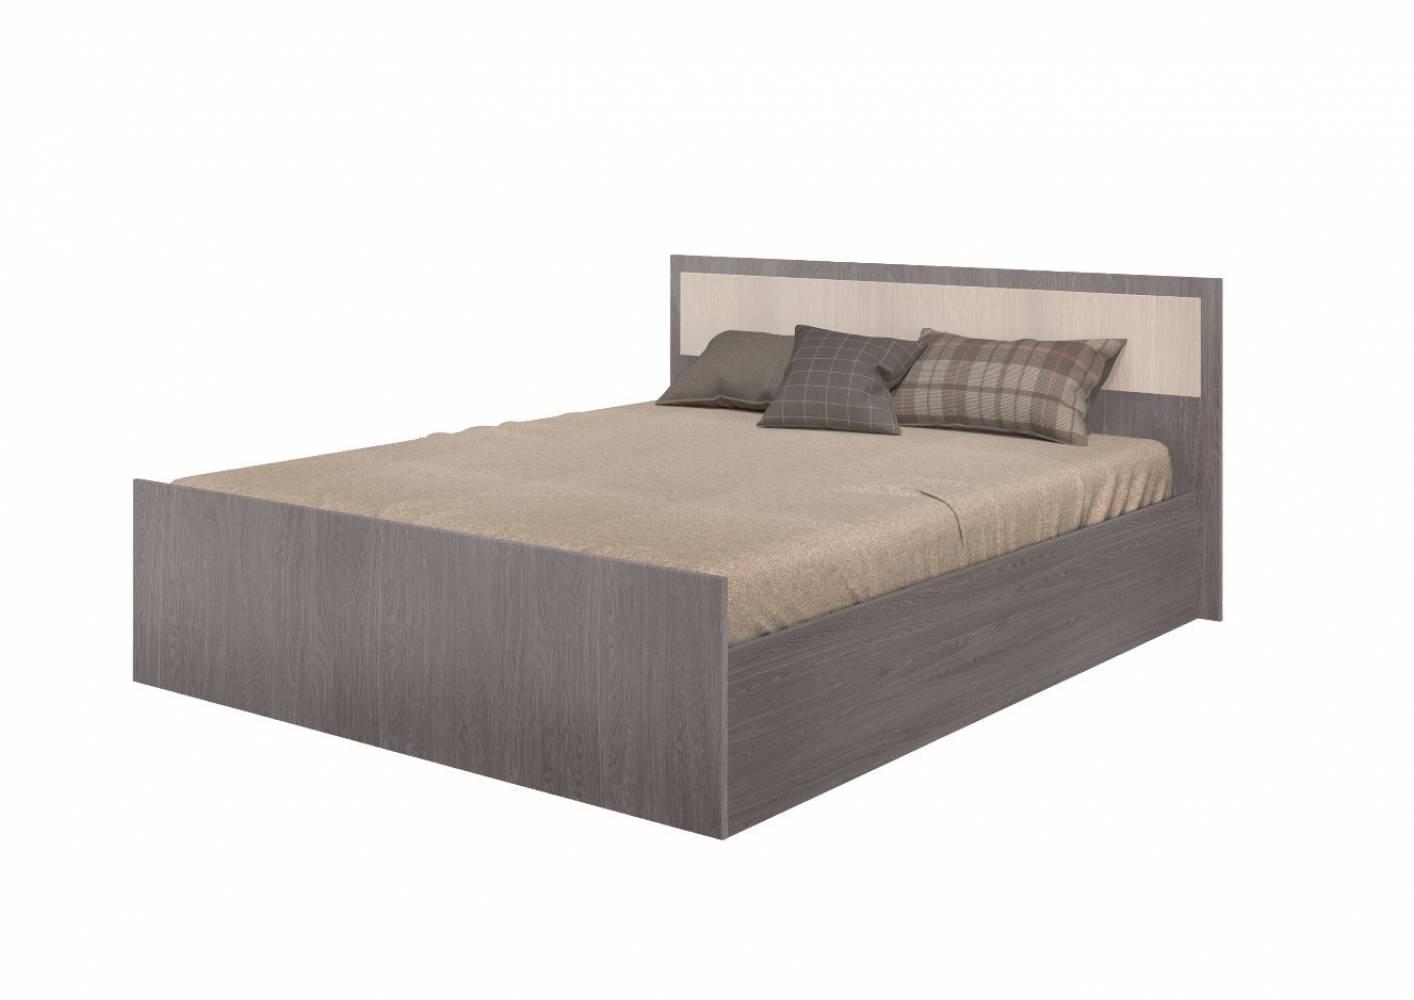 Кровать на 1600 с проложкой ДСП  матраса Фиеста, ясень